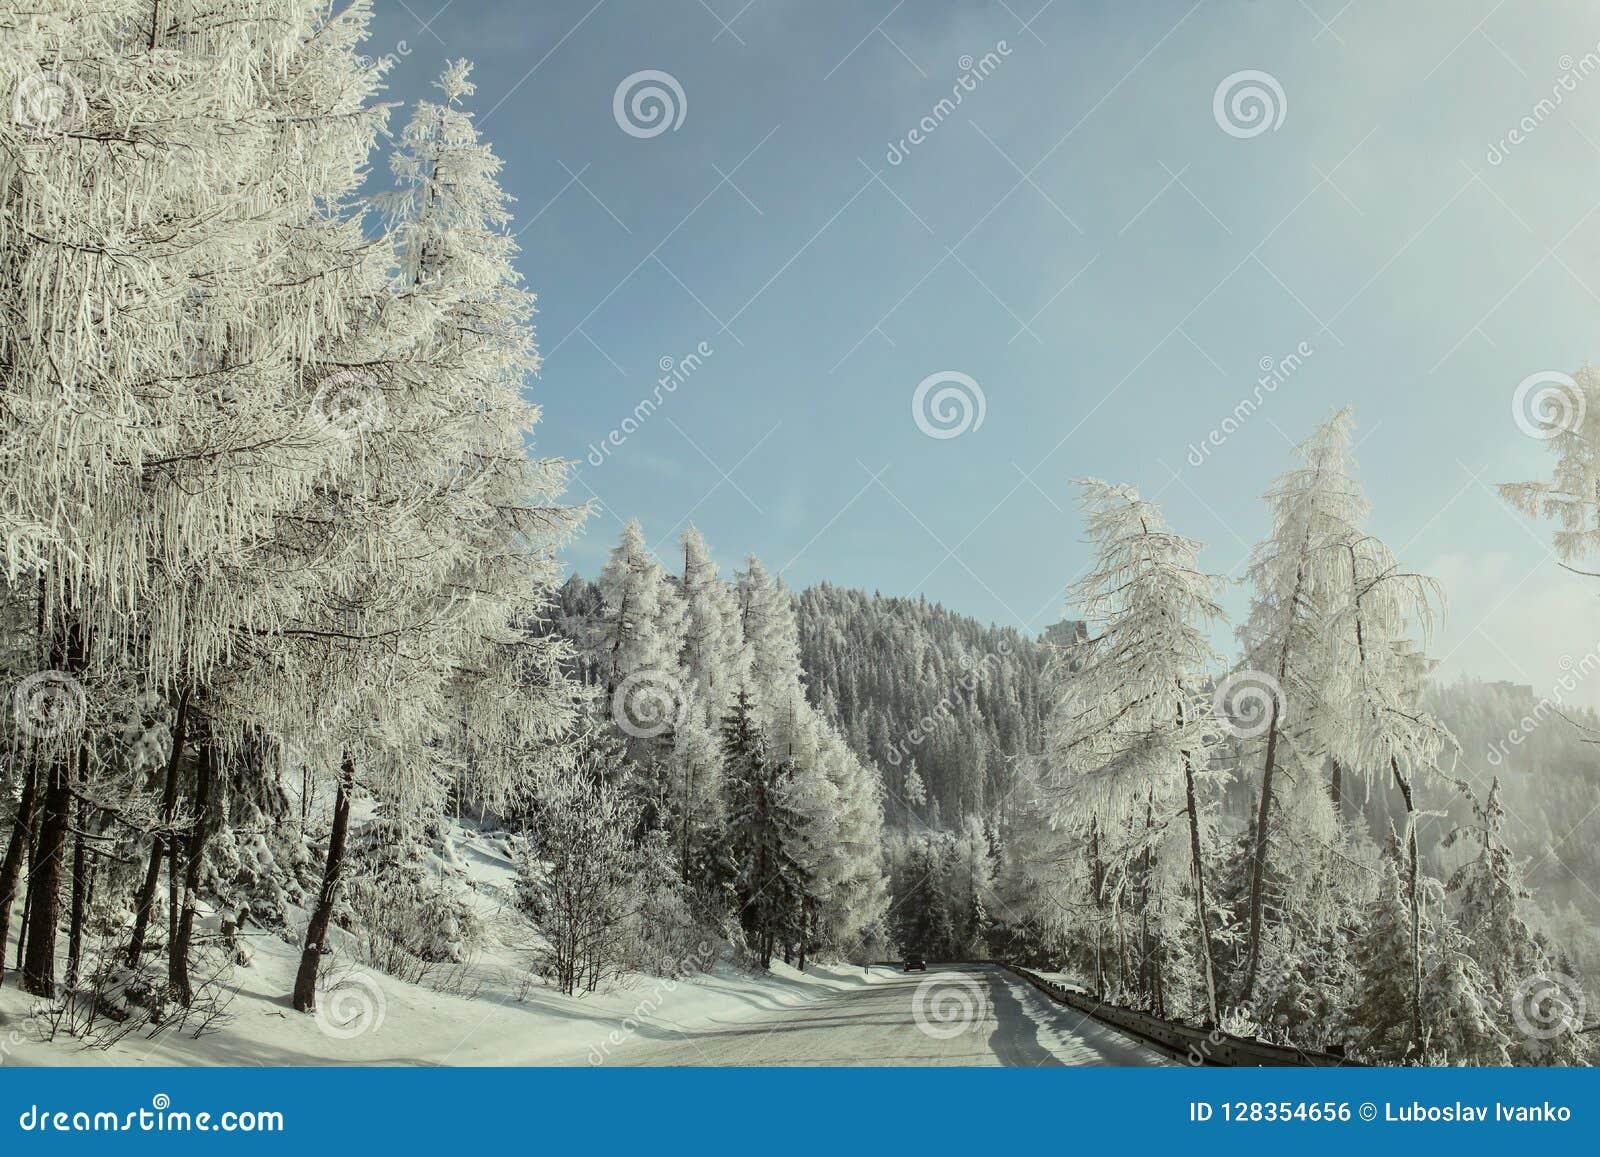 Ochtend op de winter bosdieweg, bomen aan de kant door zon wordt aangestoken, cov